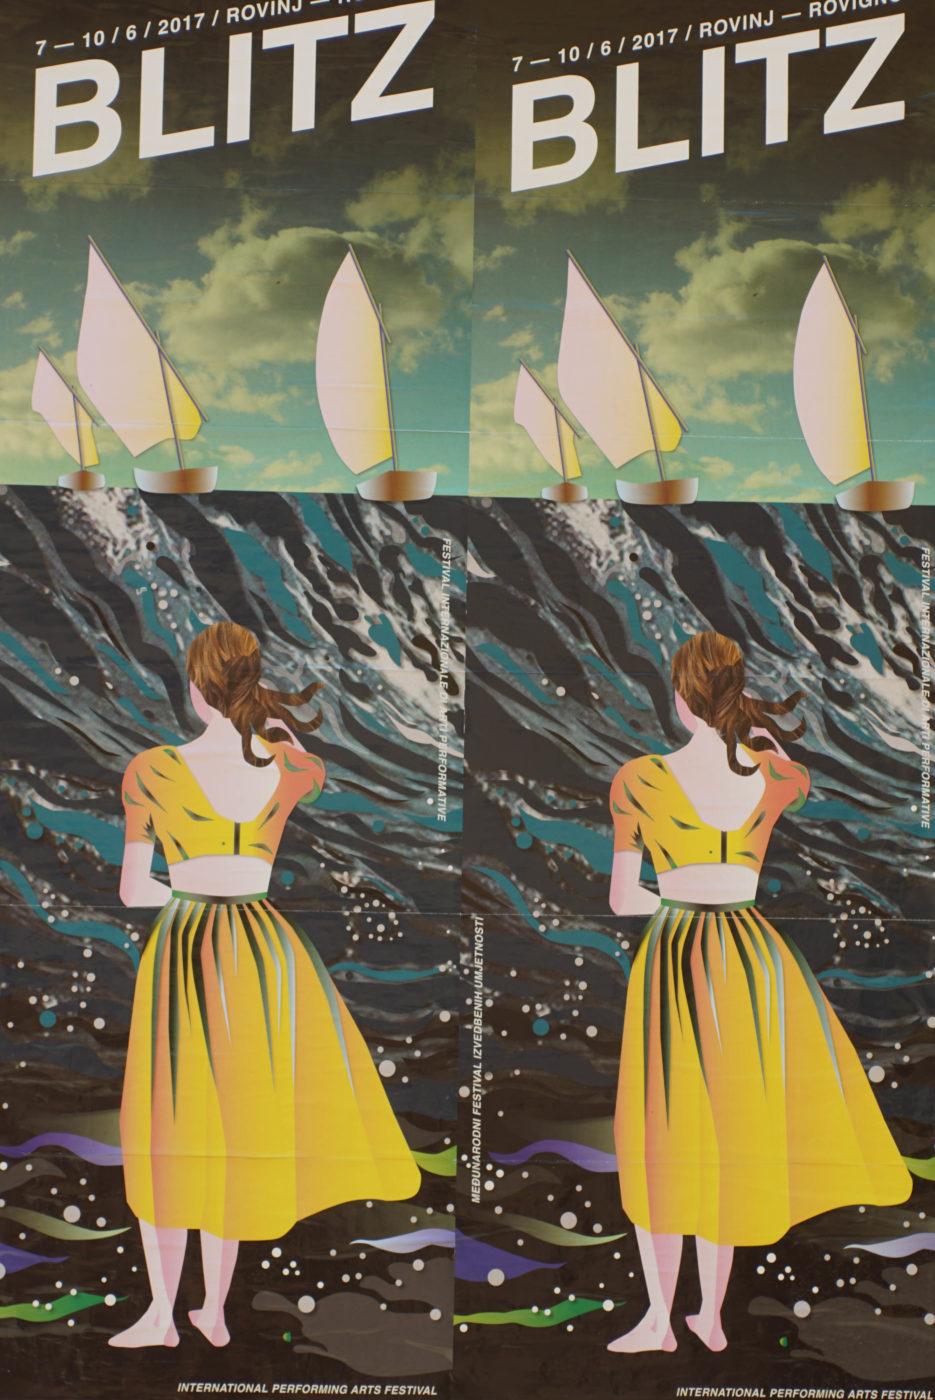 Es ist ein Plakat für ein kunstfestival zusehen. Auf ihm steht ein Frau im gelben Kleid und blickt auf eine Welle. Auf dieser sind drei Segelboote zu sehen.Das ganze Plakat ist durch Designe minimalisiert